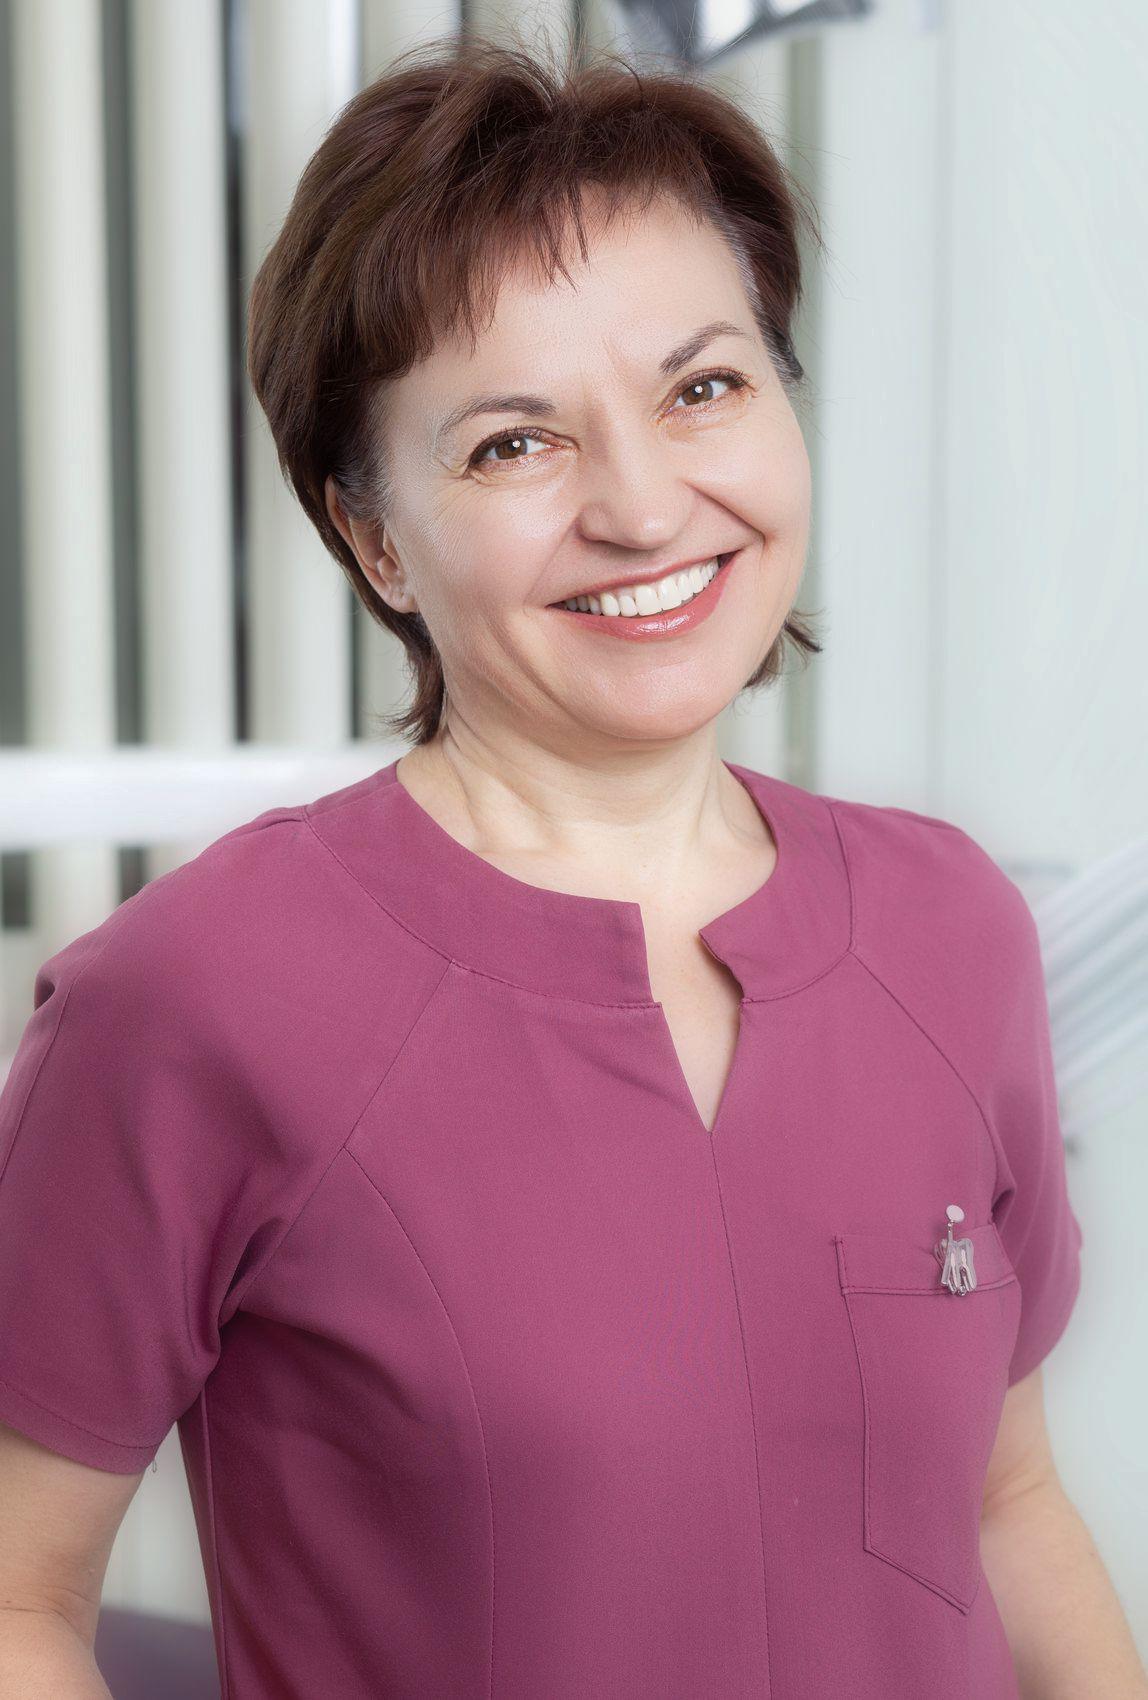 Ligita Girdžiūtė Gydytojo odontologo padėjėja